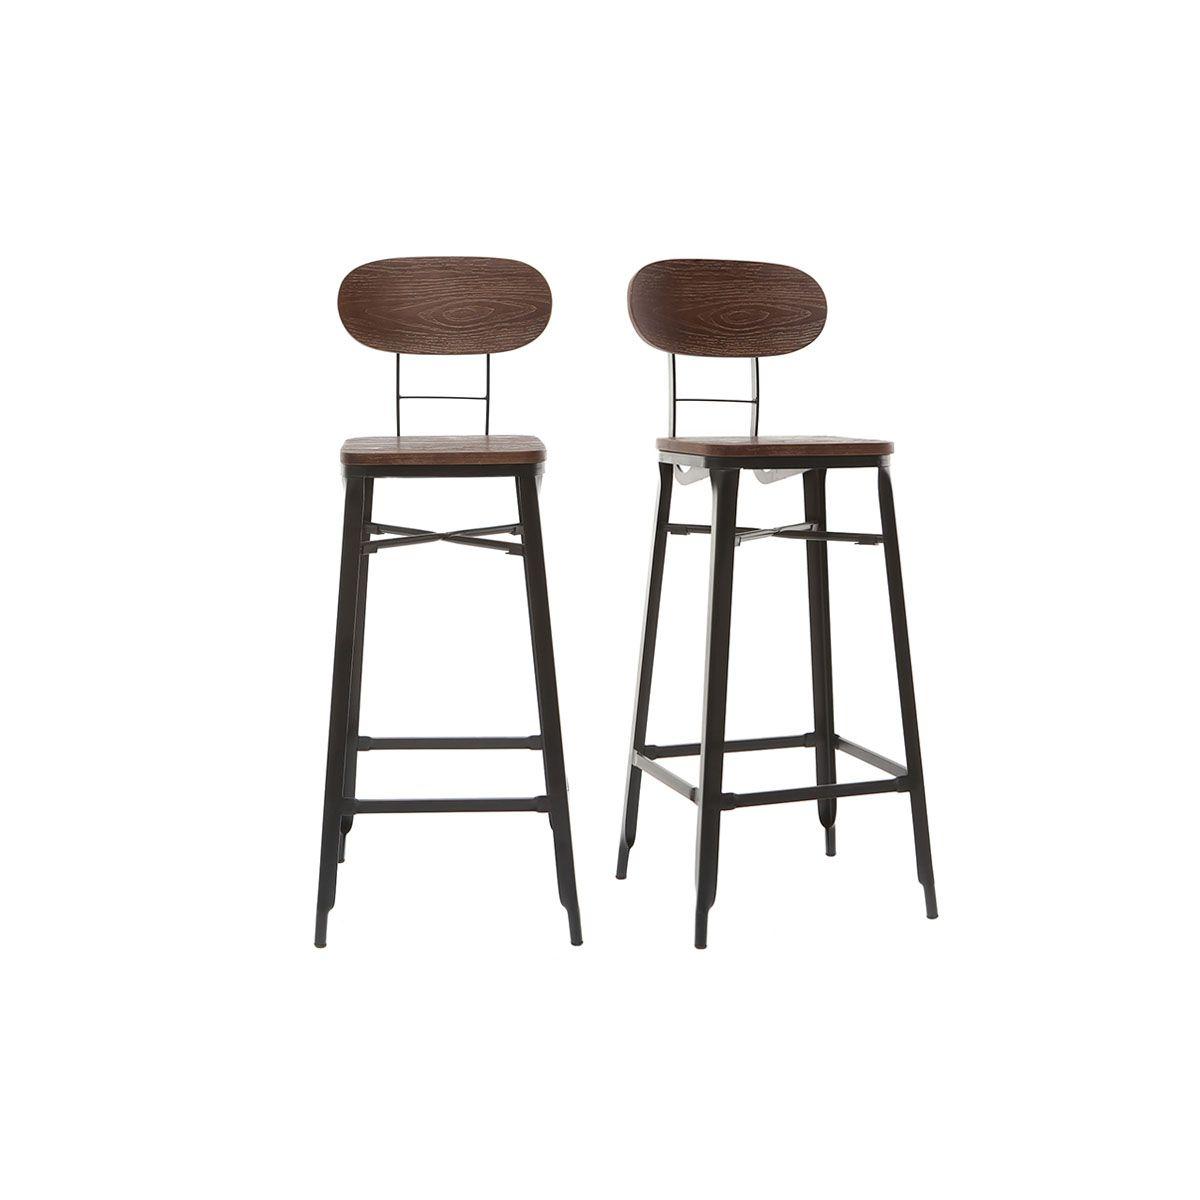 Sgabelli da bar in legno e metallo Nero altezza 75 cm lotto di 2 HOCKER Sgabelli da bar